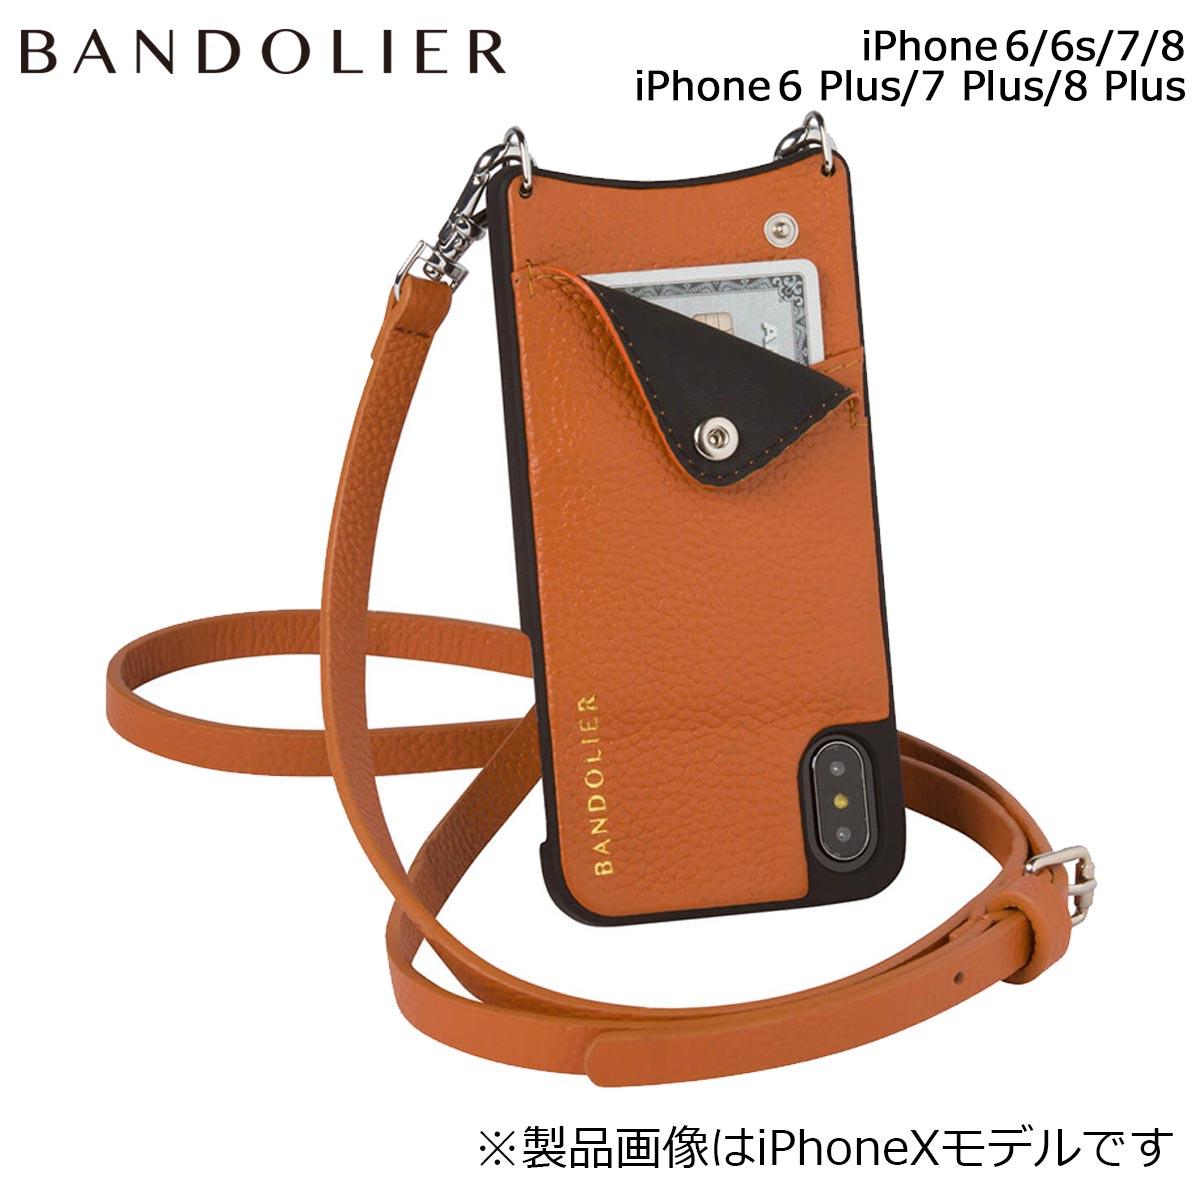 【最大2000円OFFクーポン配布】 BANDOLIER バンドリヤー iPhone8 iPhone7 7Plus 6s ケース スマホ アイフォン プラス EMMA COGNAC メンズ レディース ブラウン [9/14 追加入荷]